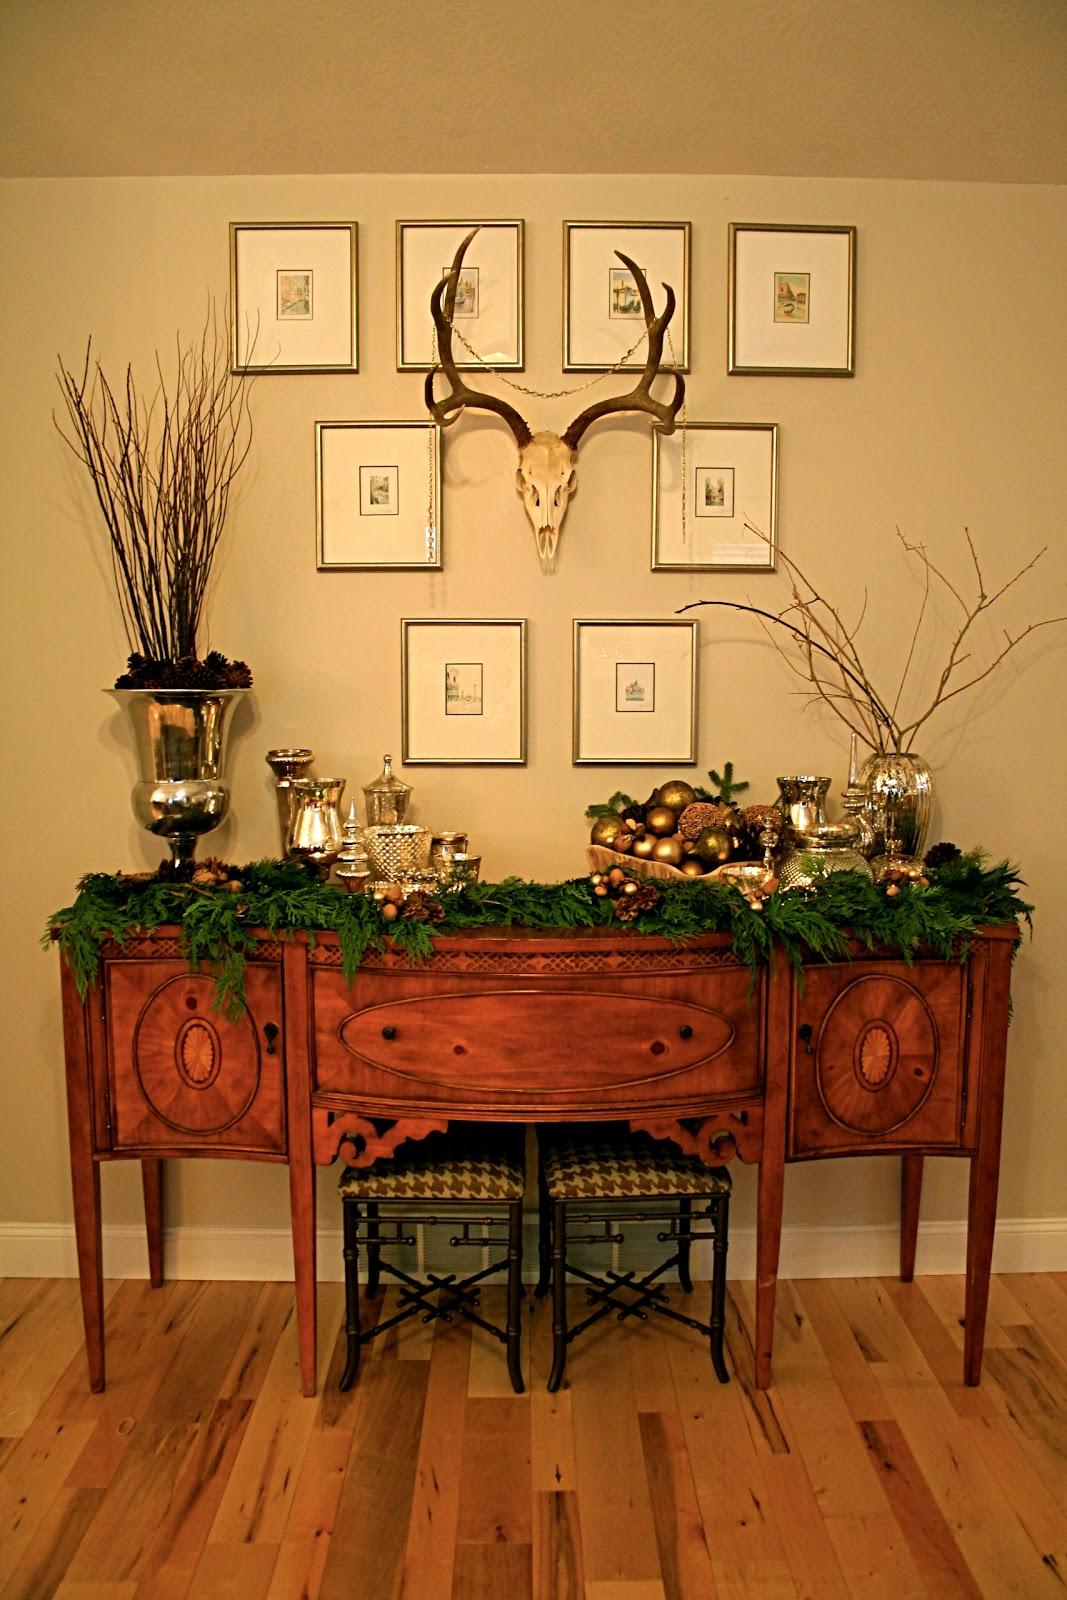 realtree for home decor wallpaper picswallpaper com tree wallpaper 1067x1600